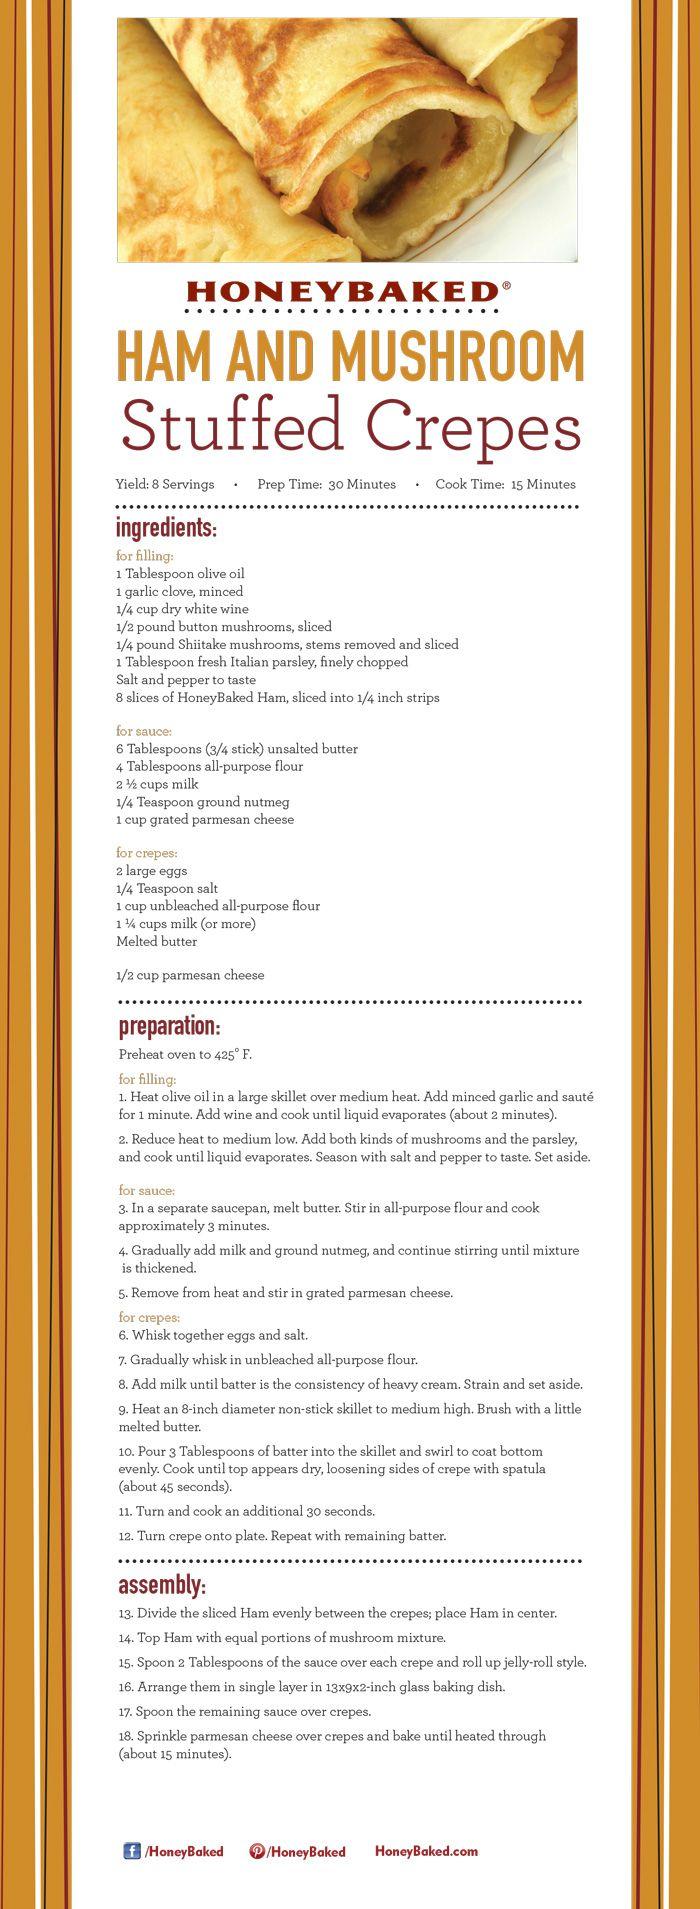 HoneyBaked Ham and Mushroom Stuffed Crepes #HoneyBaked #Ham #Recipe www.HoneyBaked.com